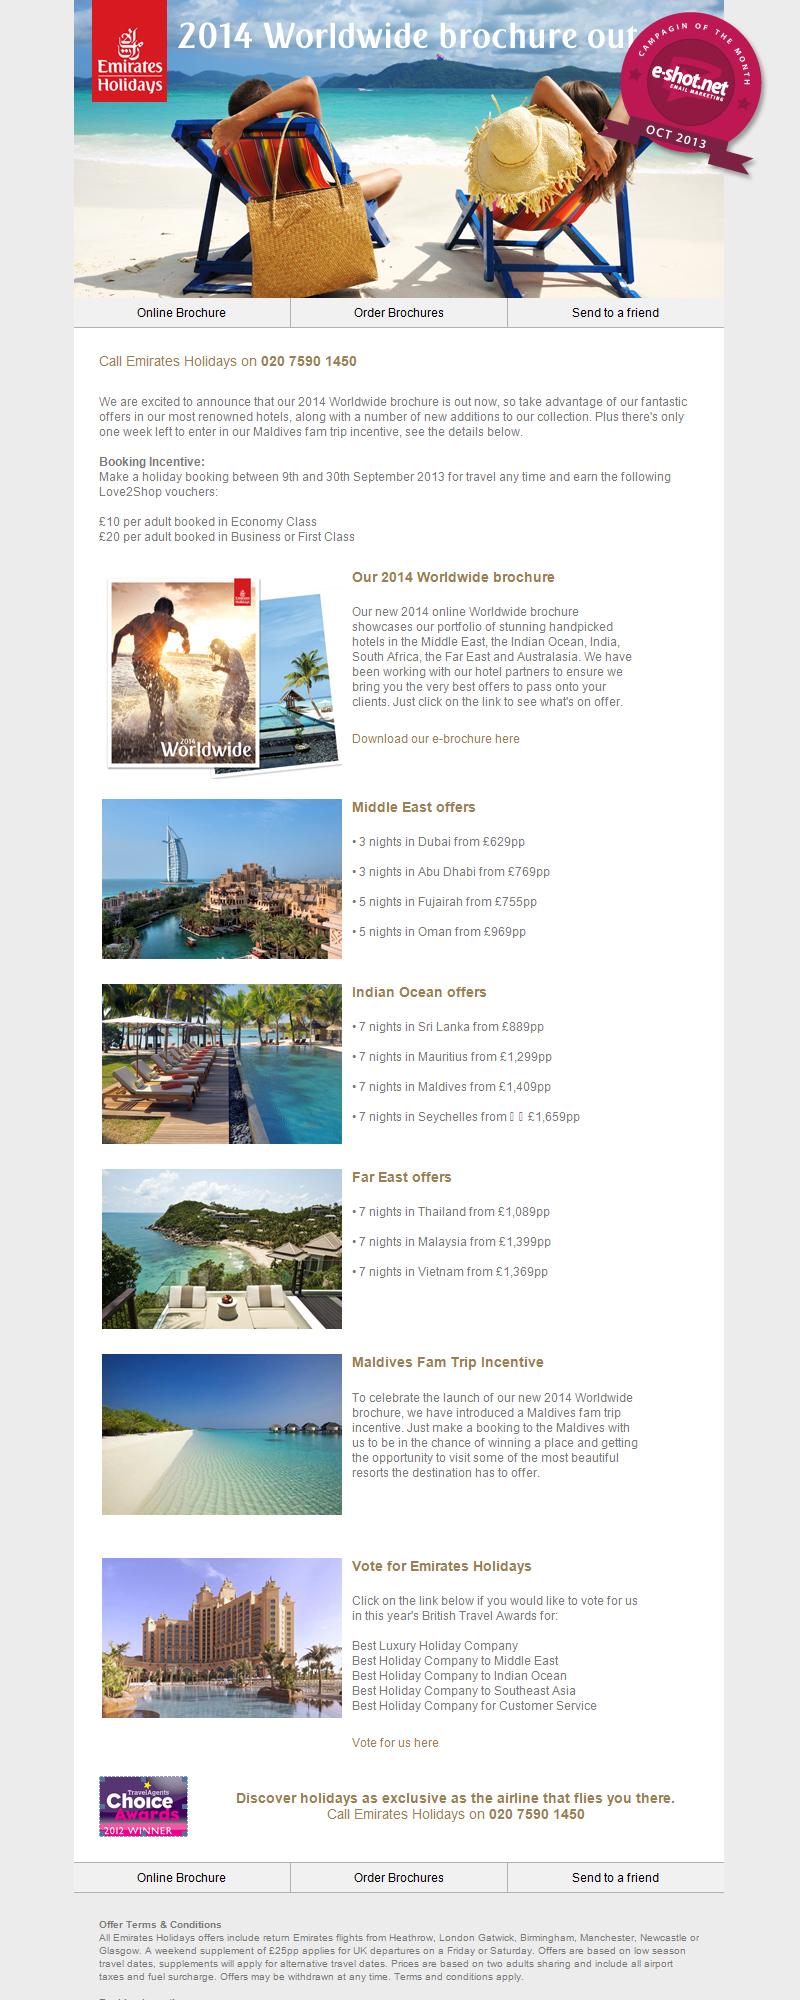 Emirates Holiday